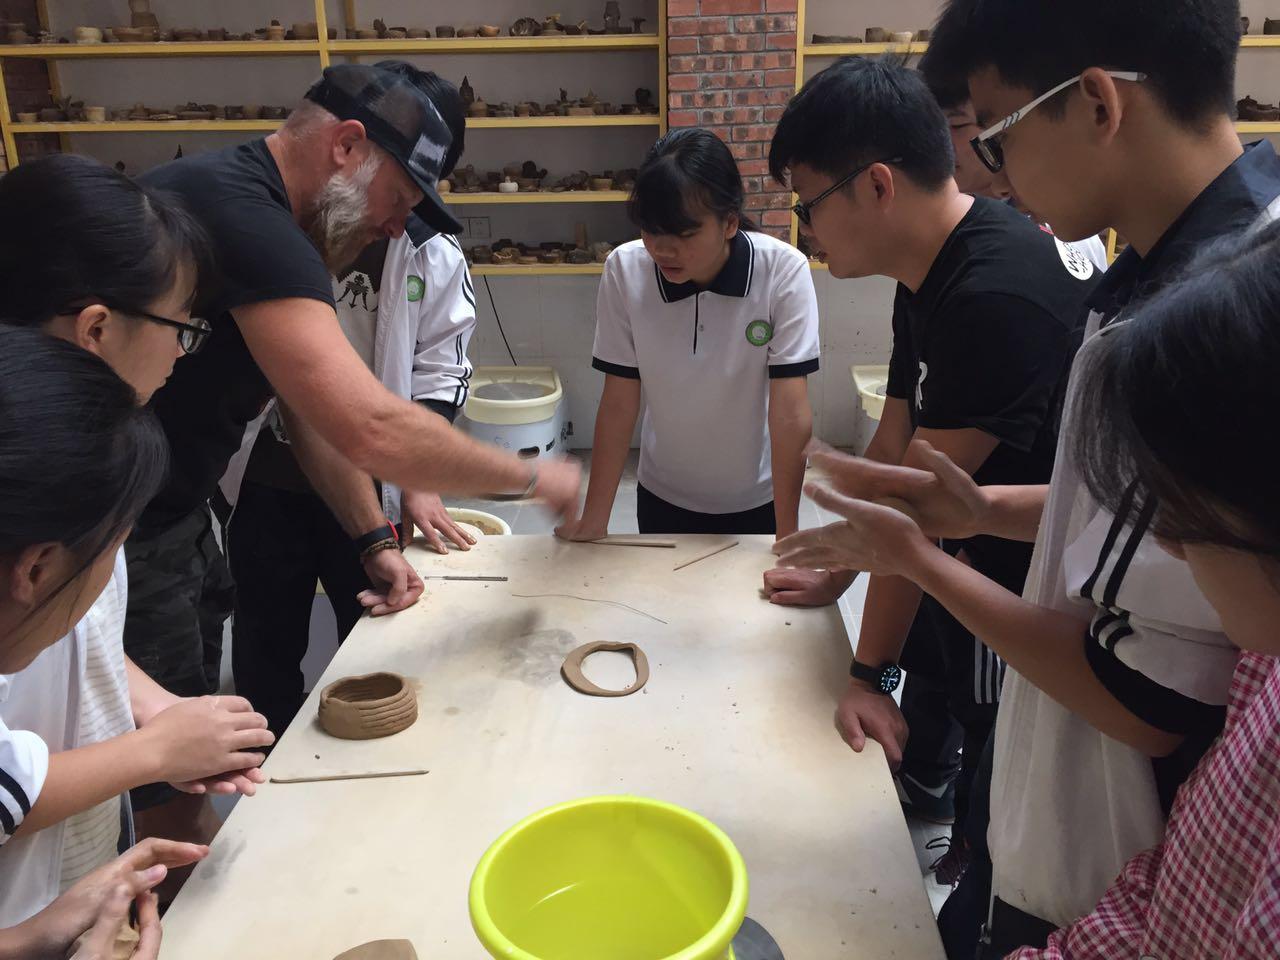 Kohl teaches High School students in Yizhou, Guangxi Autonomous Region, China, Fall 2017